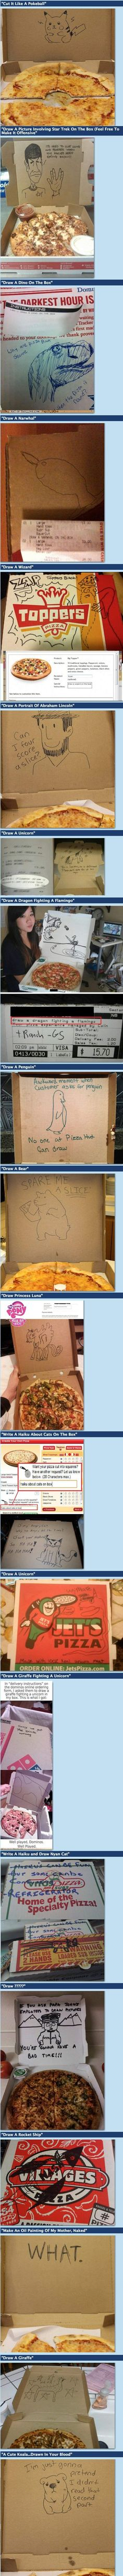 do you like pizza ? boratbook.com